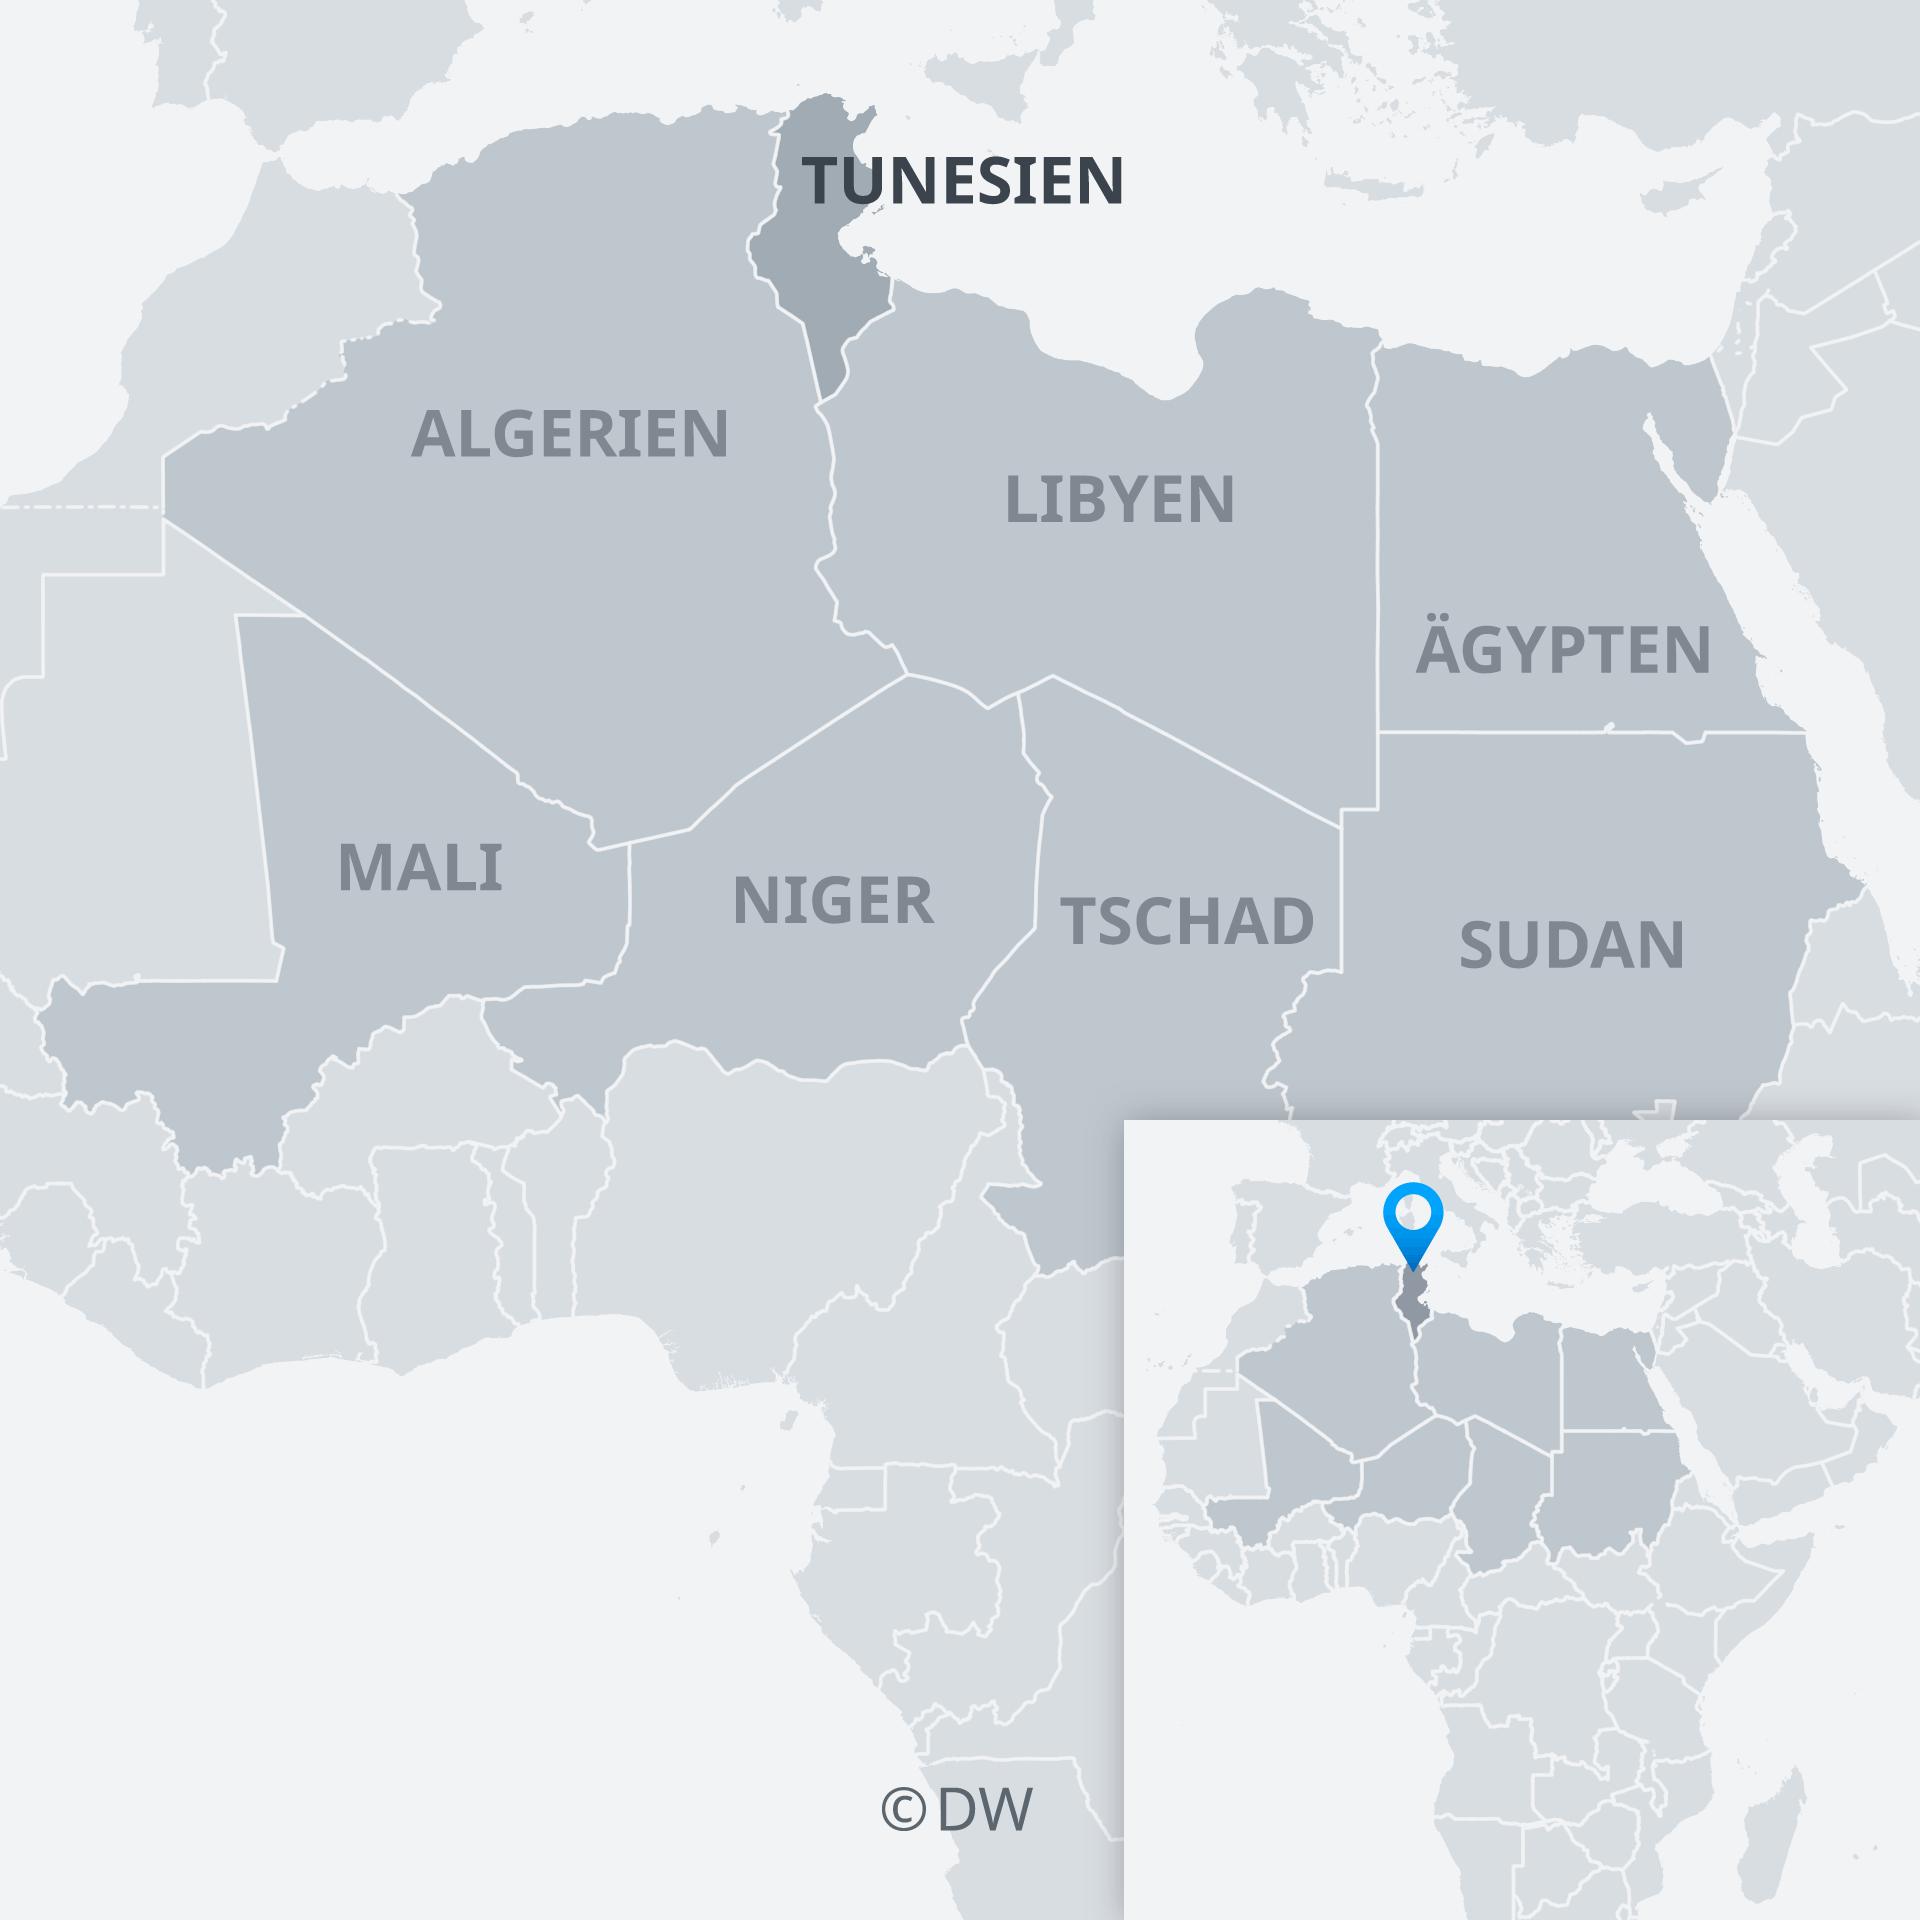 Karte Tunesien und Nachbarländer DE